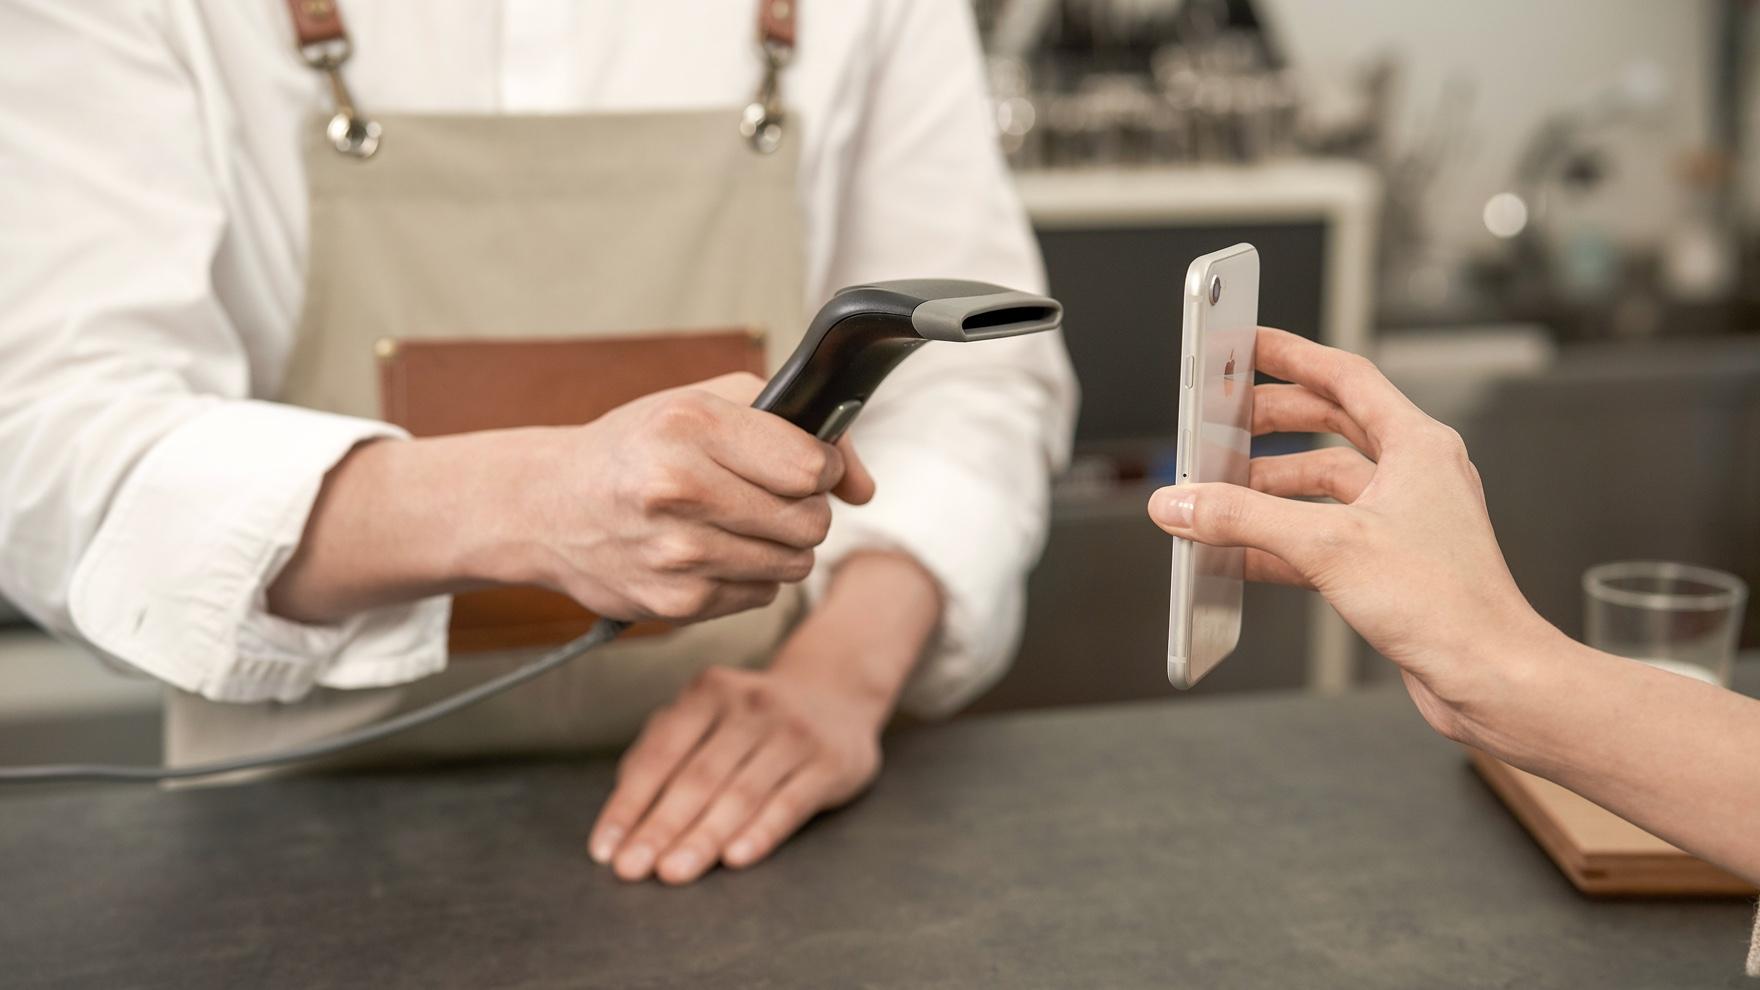 在日本可以使用微信支付吗?